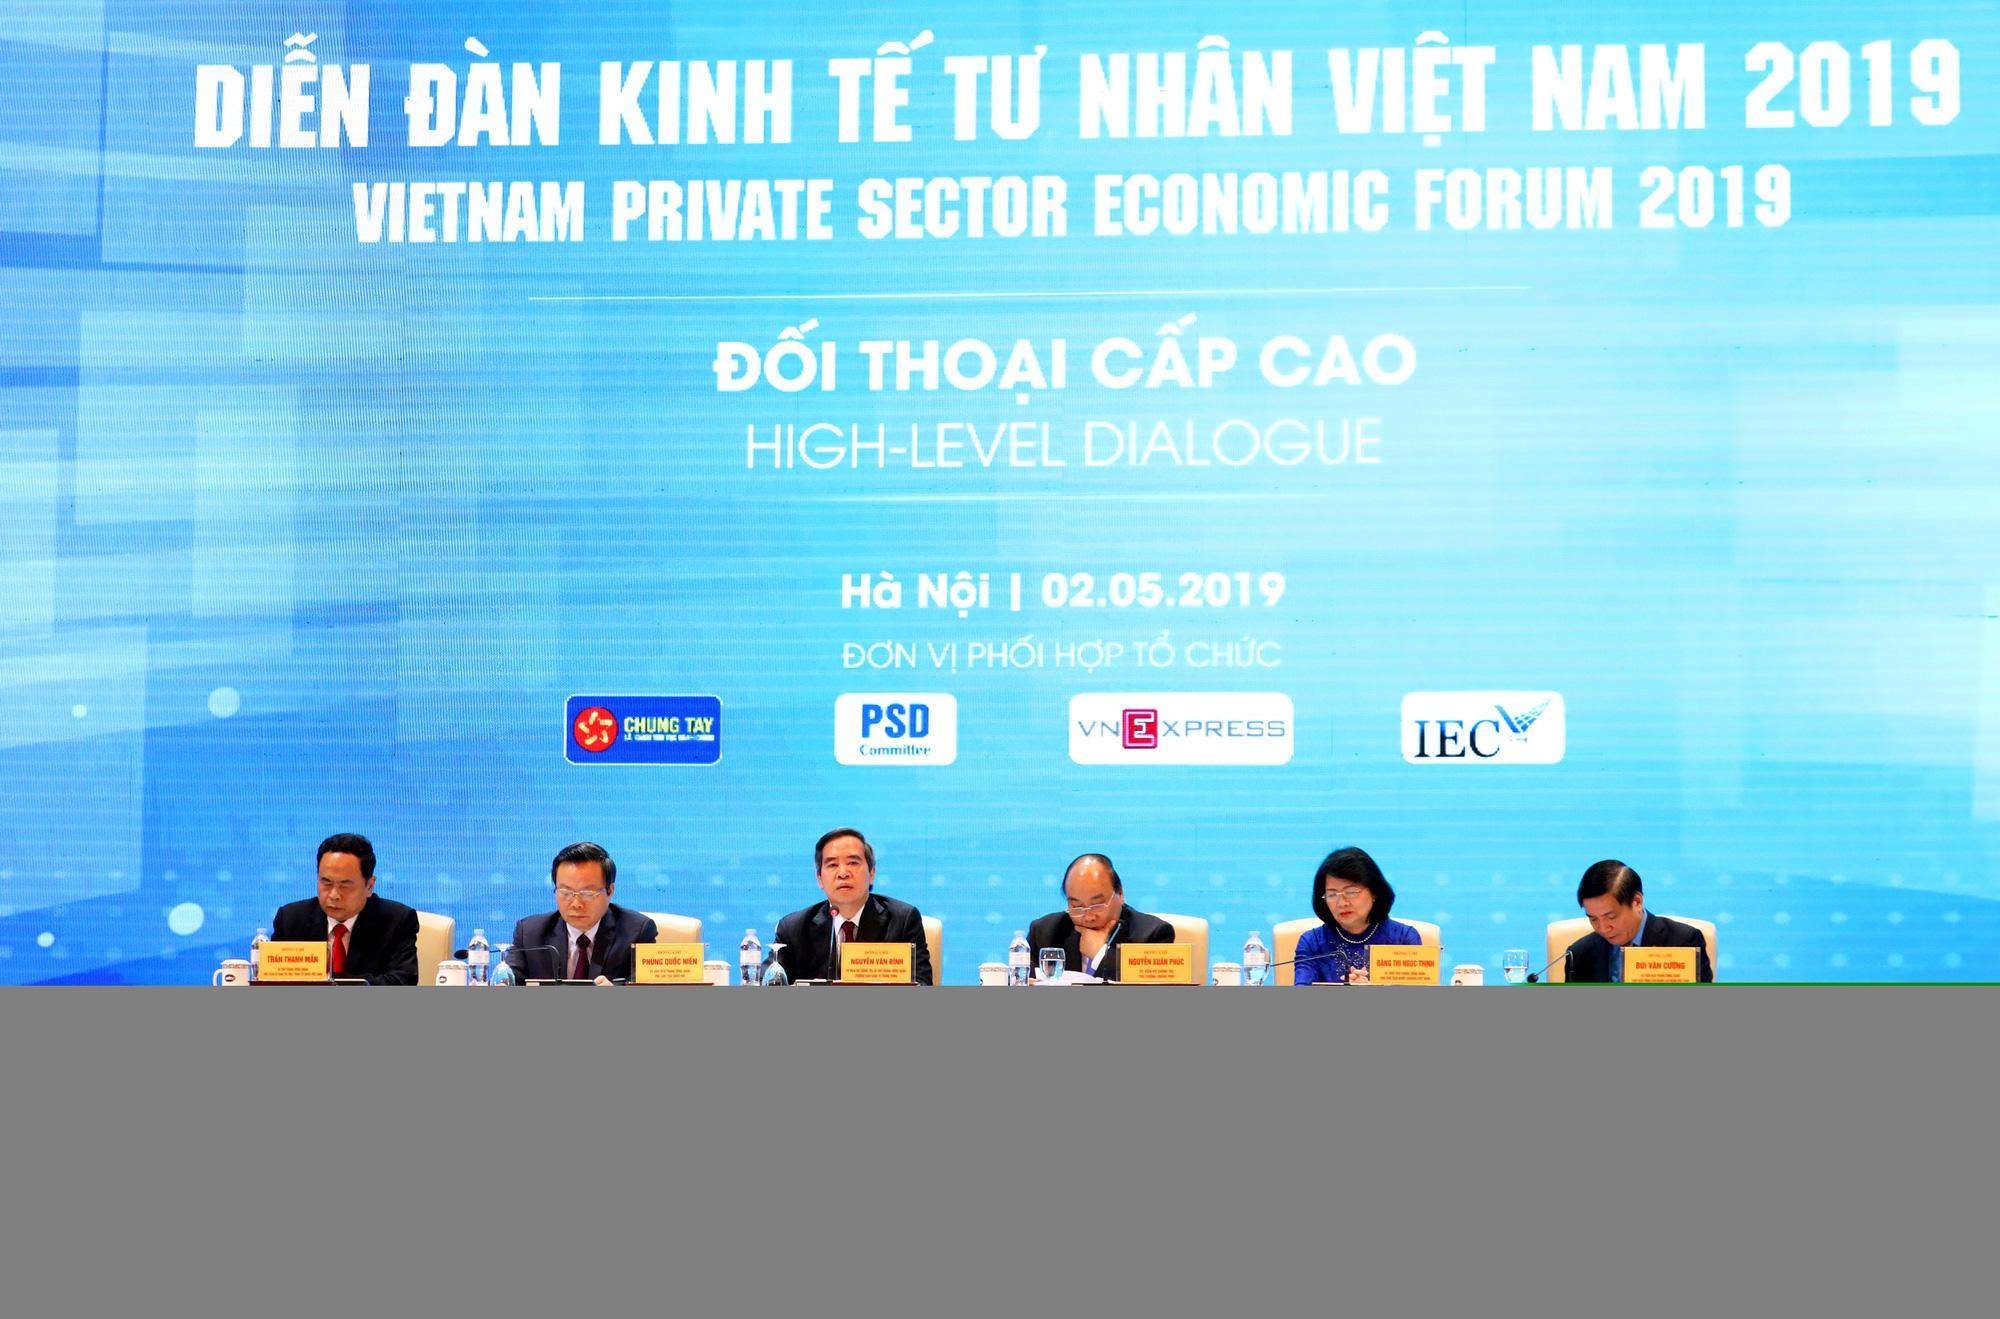 Đồng chí Nguyễn Văn Bình trả lời nhân kỷ niệm 70 năm ngày truyền thống Ban Kinh tế Trung ương - Ảnh 2.